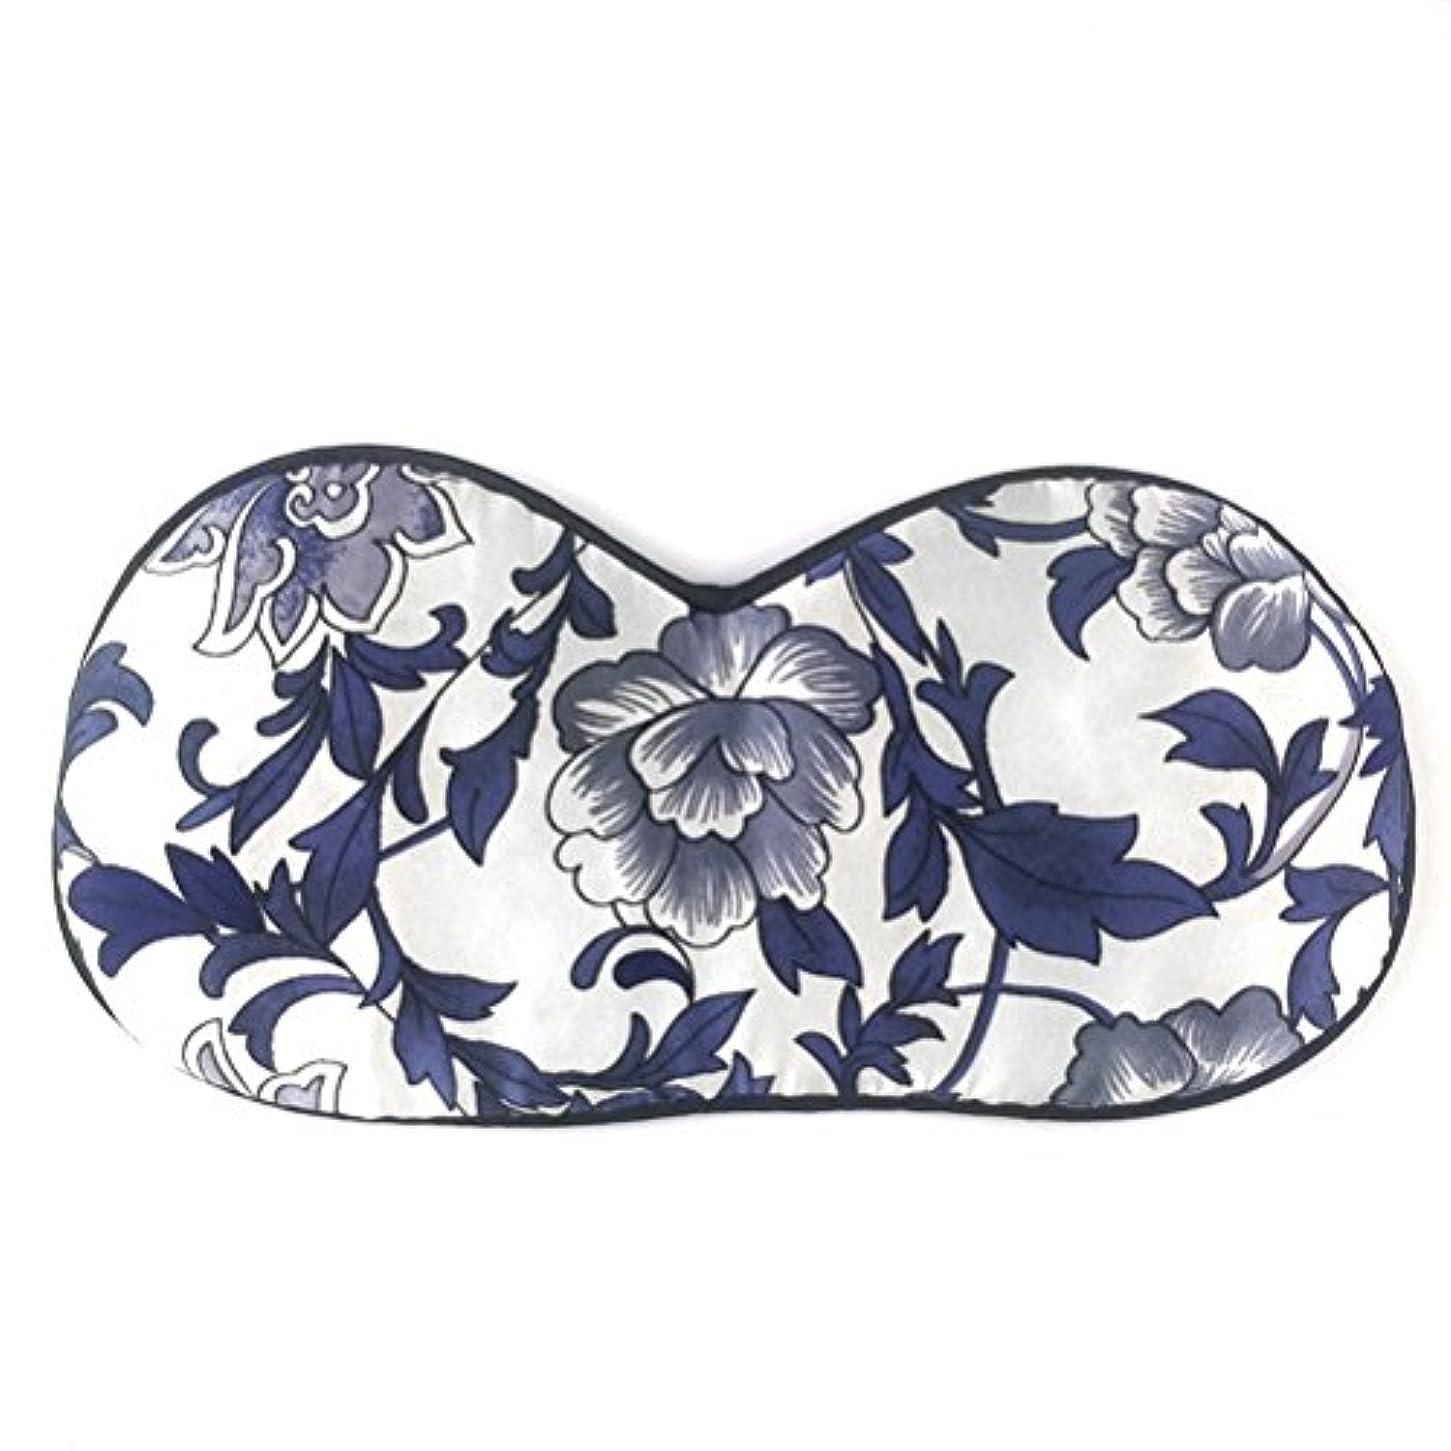 オーブン段階マーチャンダイザーULTNICE シルク睡眠の目のマスク目隠しのアイシャドウ女性のための睡眠の昼寝の瞑想(青と白の磁器)